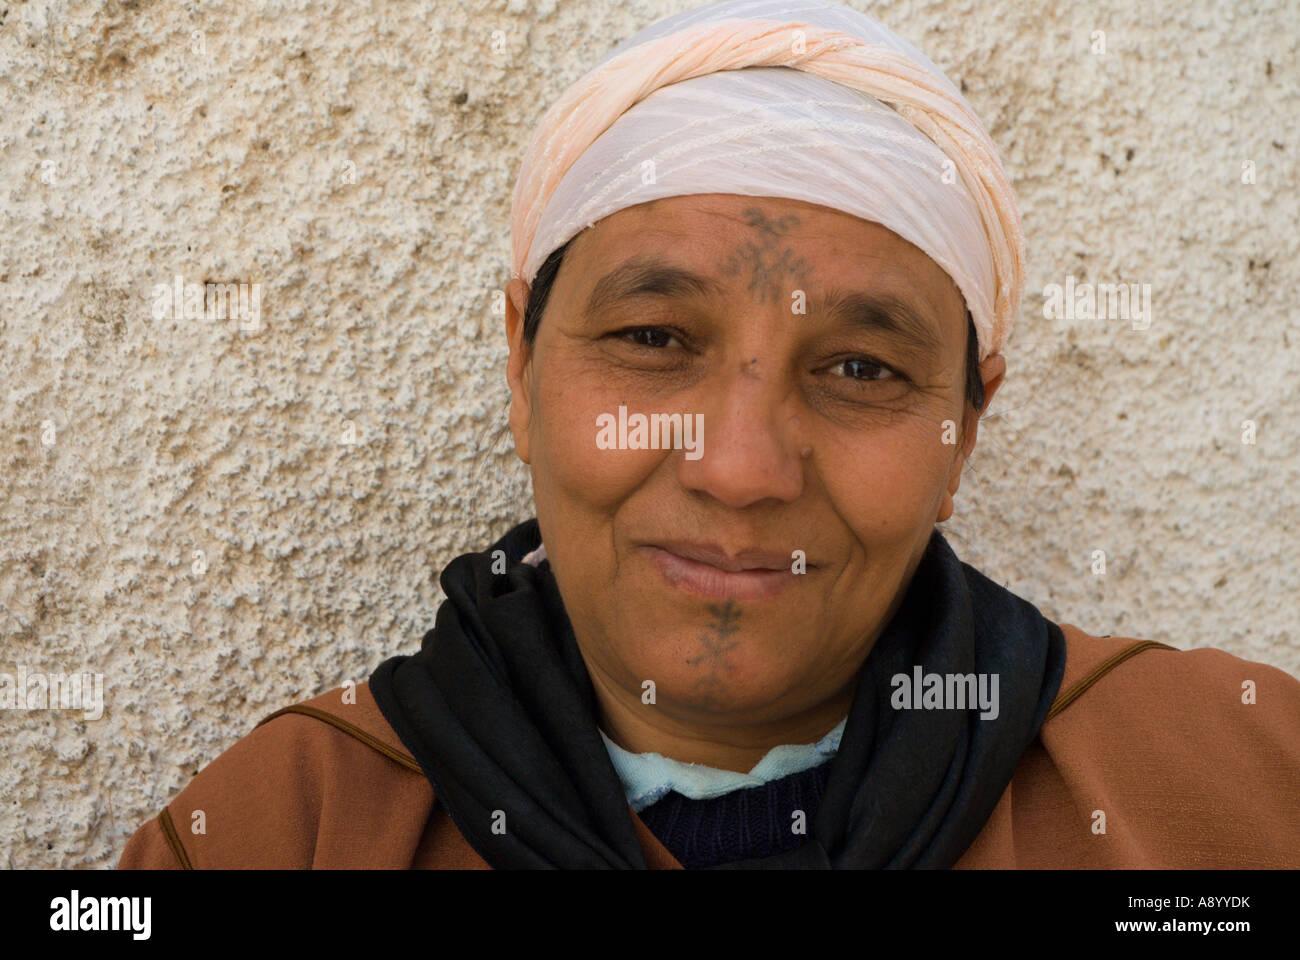 Le Portrait D Une Femme Berbere Avec Des Tatouages Visage Sefrou Maroc Photo Stock Alamy